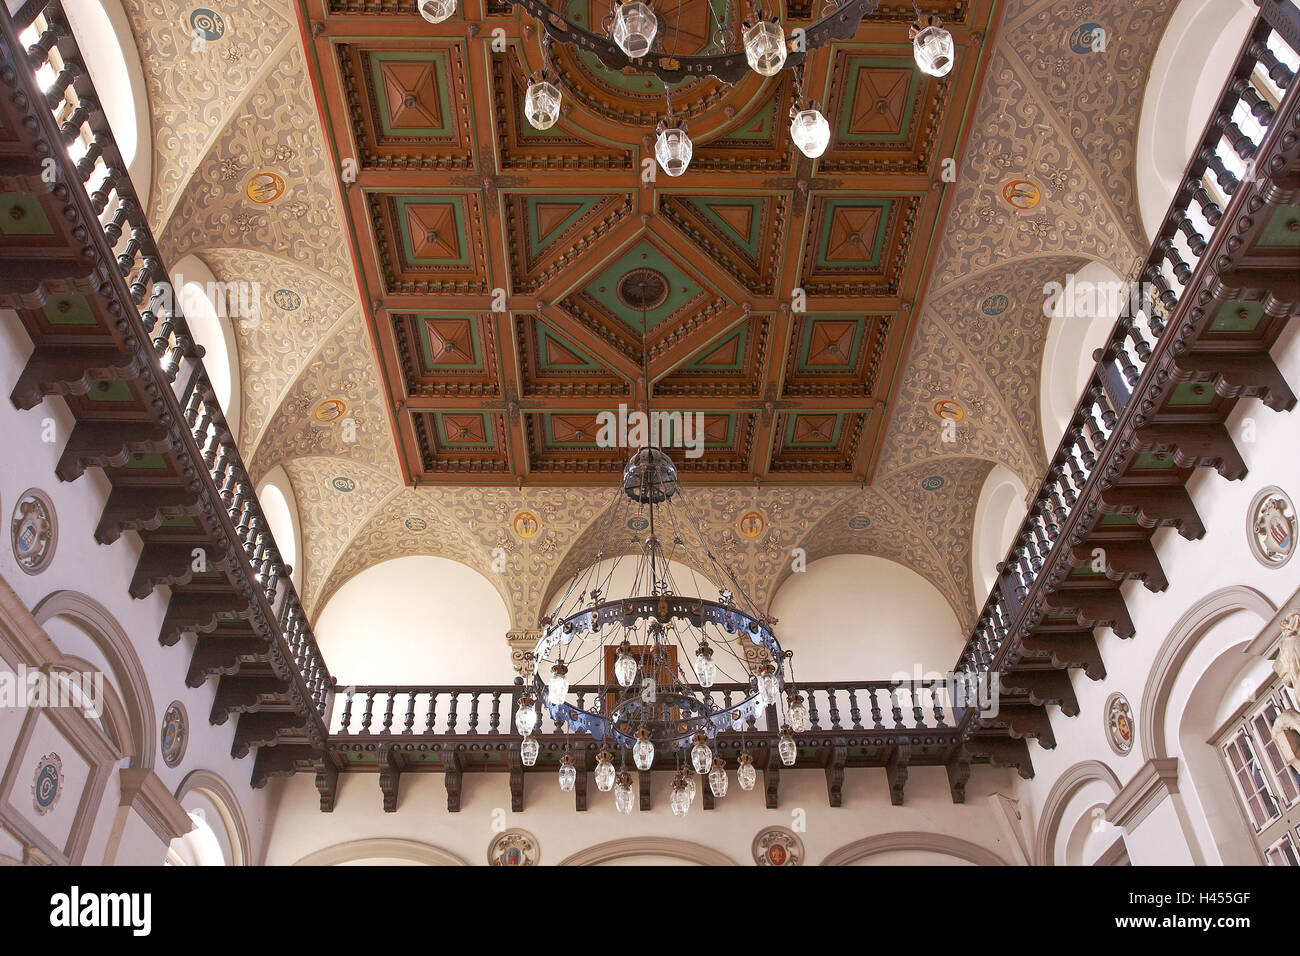 Denmark, Helsingoer, central station, inside, wooden ceiling panel, chandelier, - Stock Image